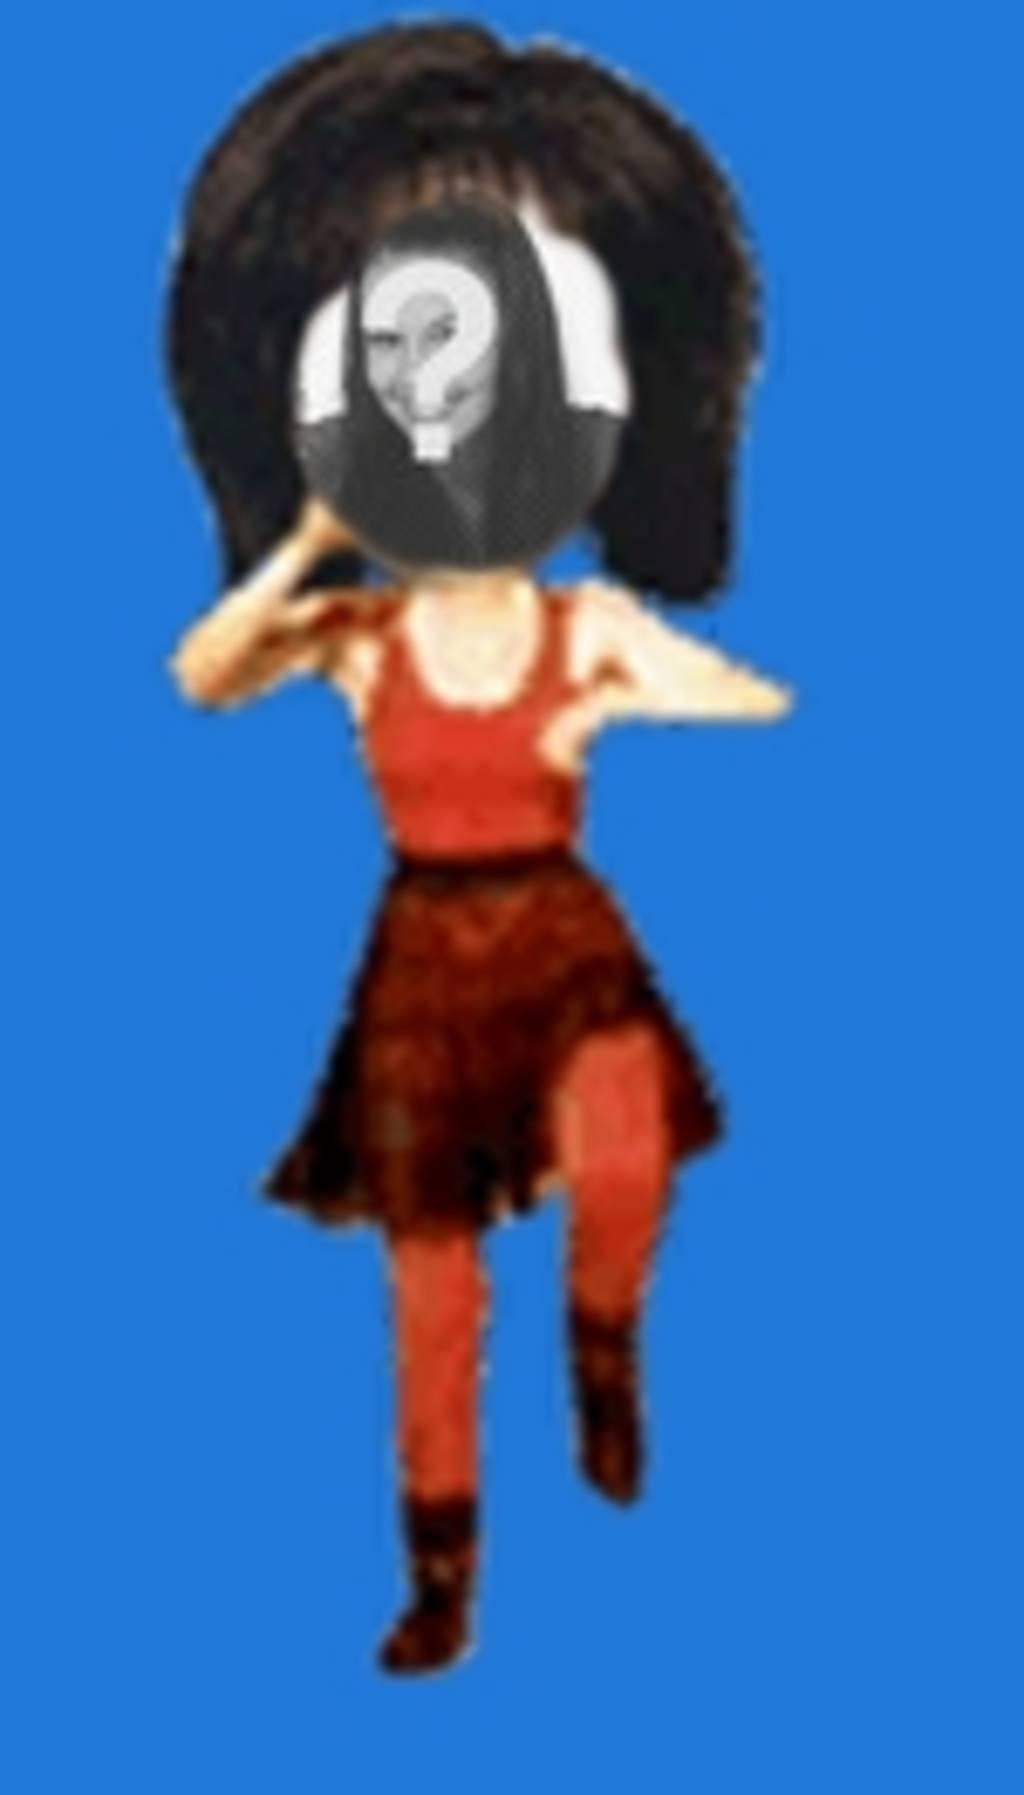 Ponha seu rosto no corpo de uma mulher no estilo vermelho dança desenho animado. Edite o gif animado a partir da página para baixar ou enviar e-mail